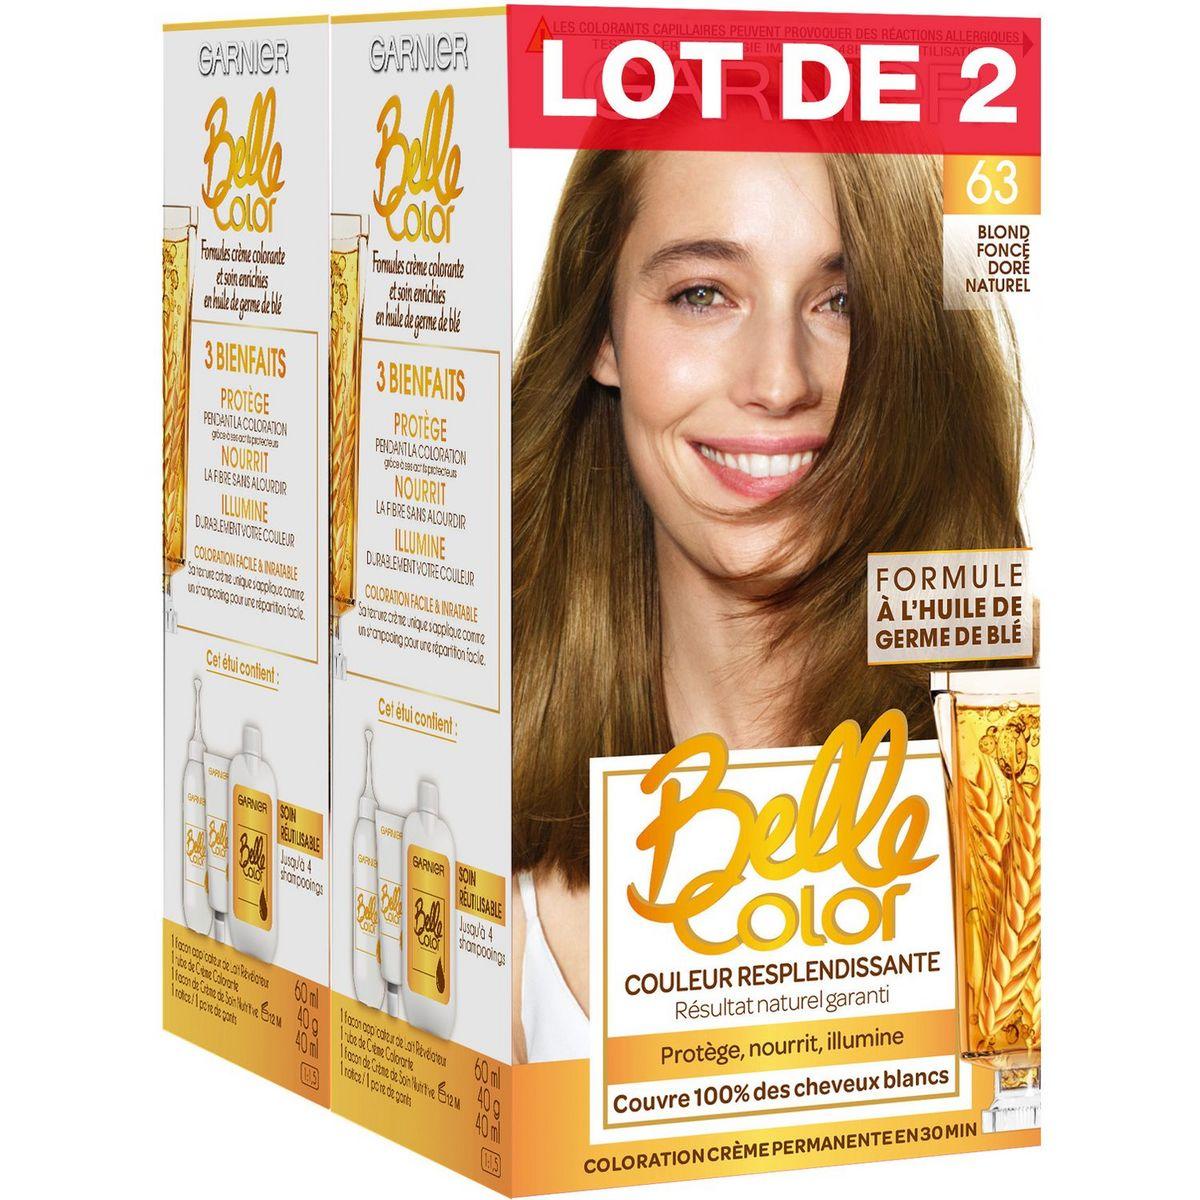 Garnier Belle Color coloration permanente 63 blond foncé doré naturel x2